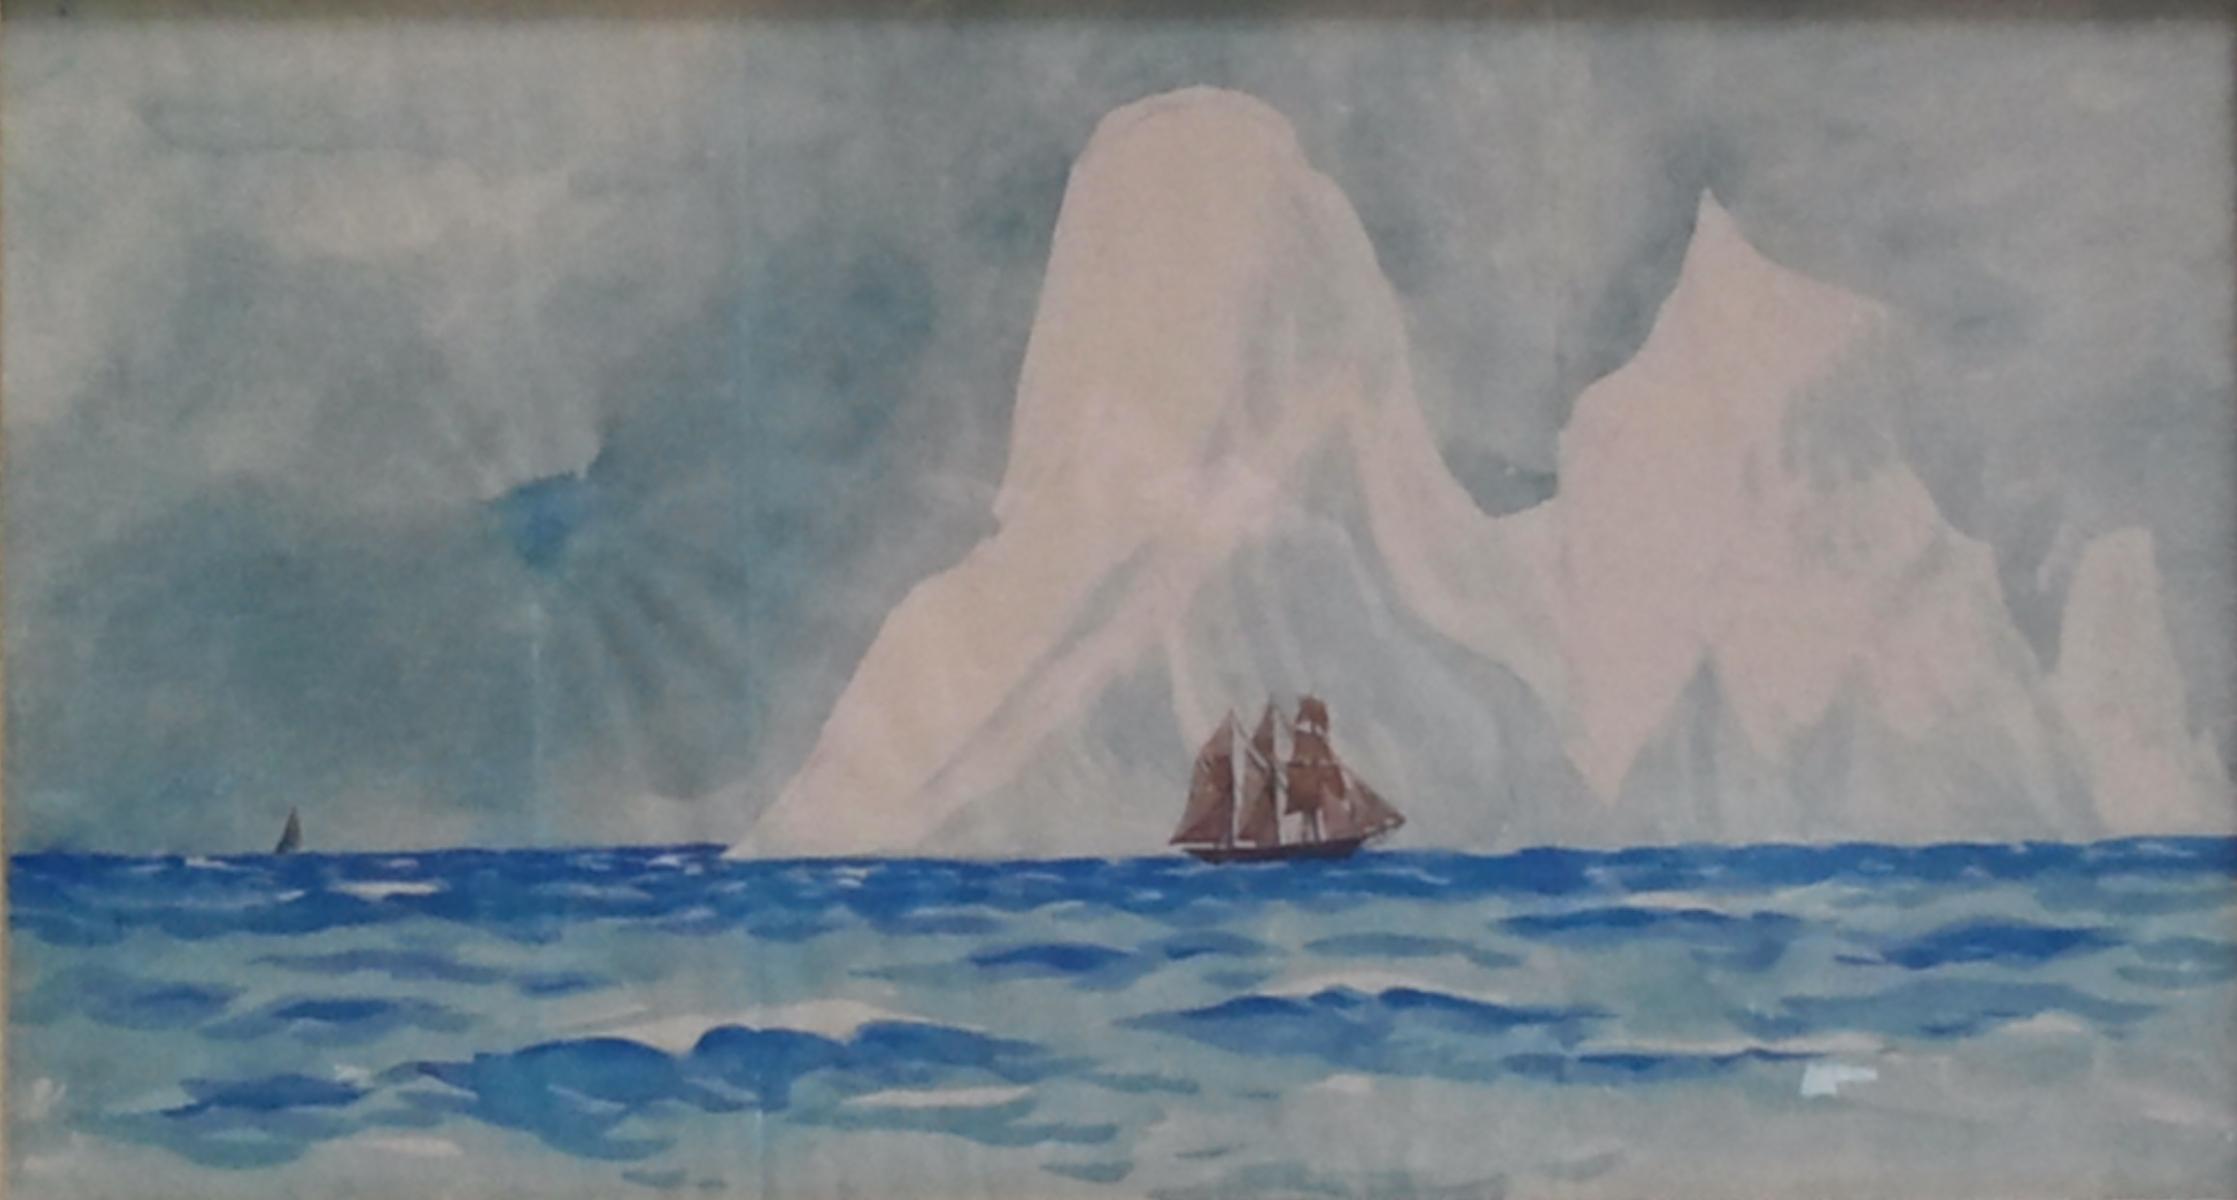 Peyrot Des Gachons Andhré-iceberg et voiliers